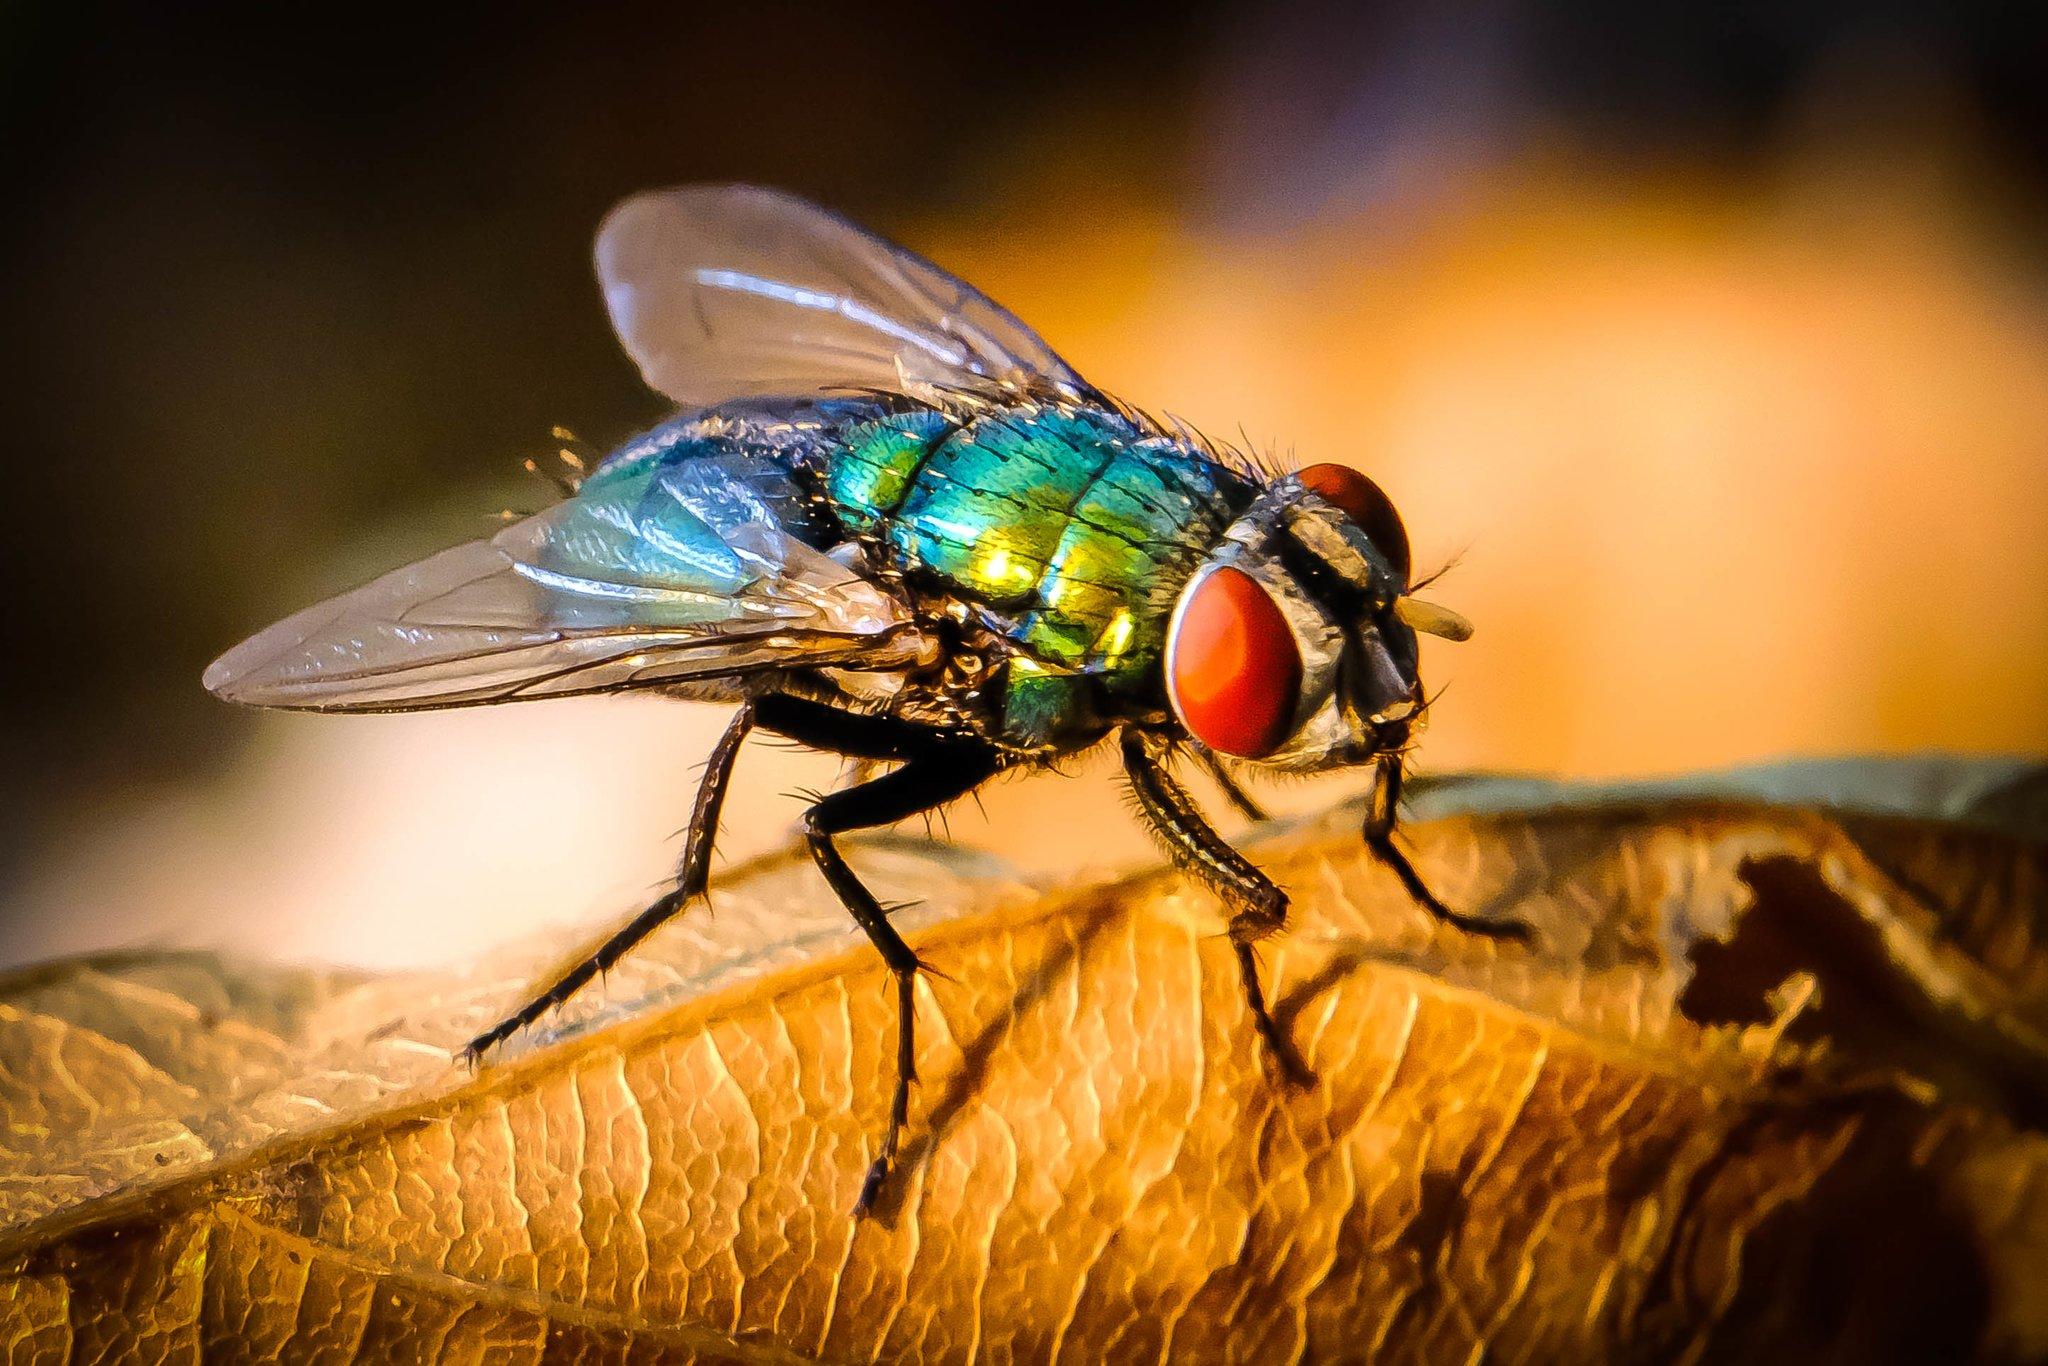 Du Kleine Fliege Wenn Ich Dich Kriege